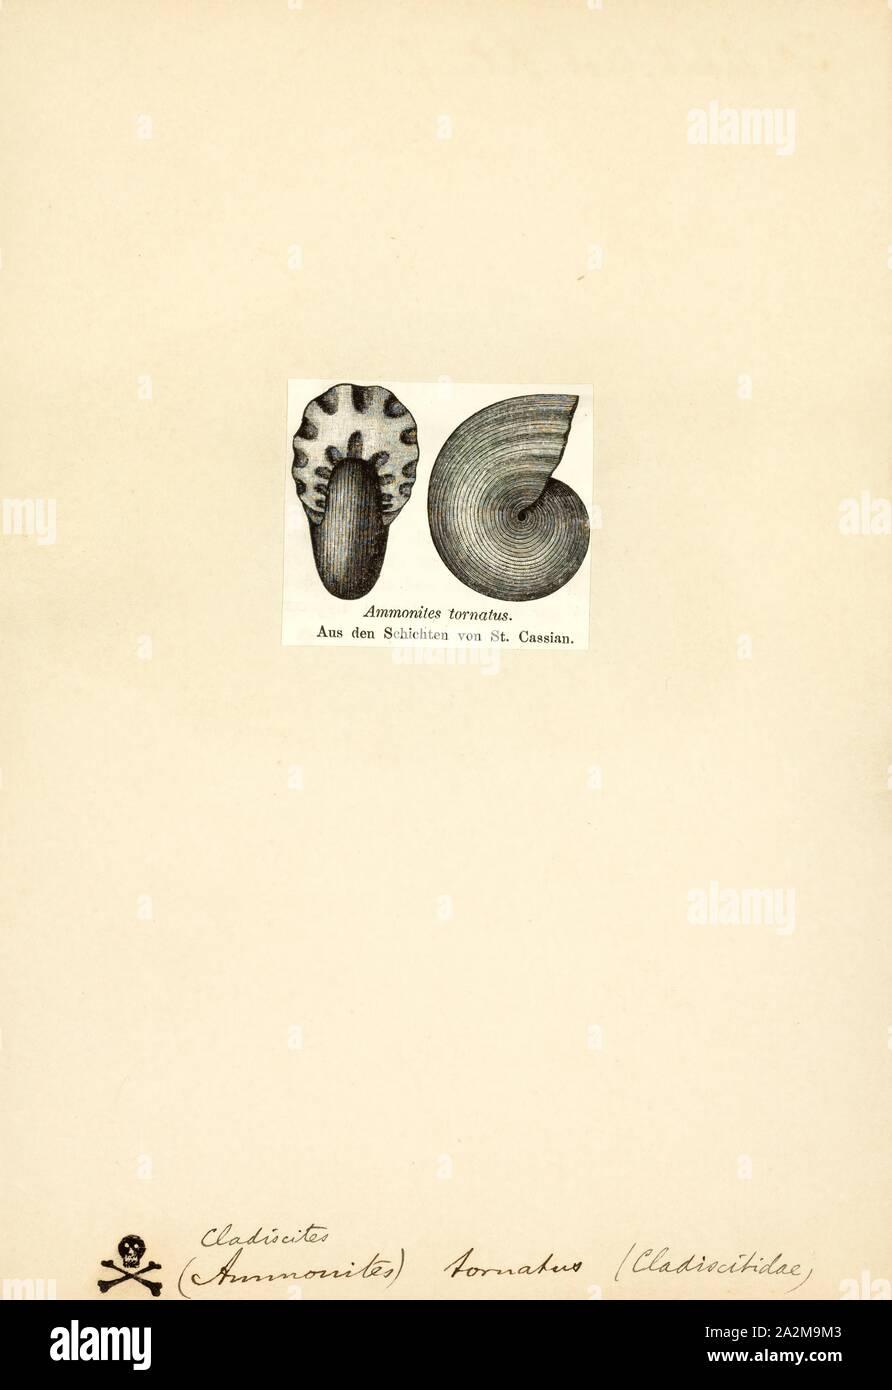 Cladiscites, Imprimir Cladiscites es un género extinto de cefalópodos en el orden Ceratitida ammonoid. Estos nektonic carnívoros vivieron durante el Triásico, a partir de edad Rhaetian Carnian Foto de stock